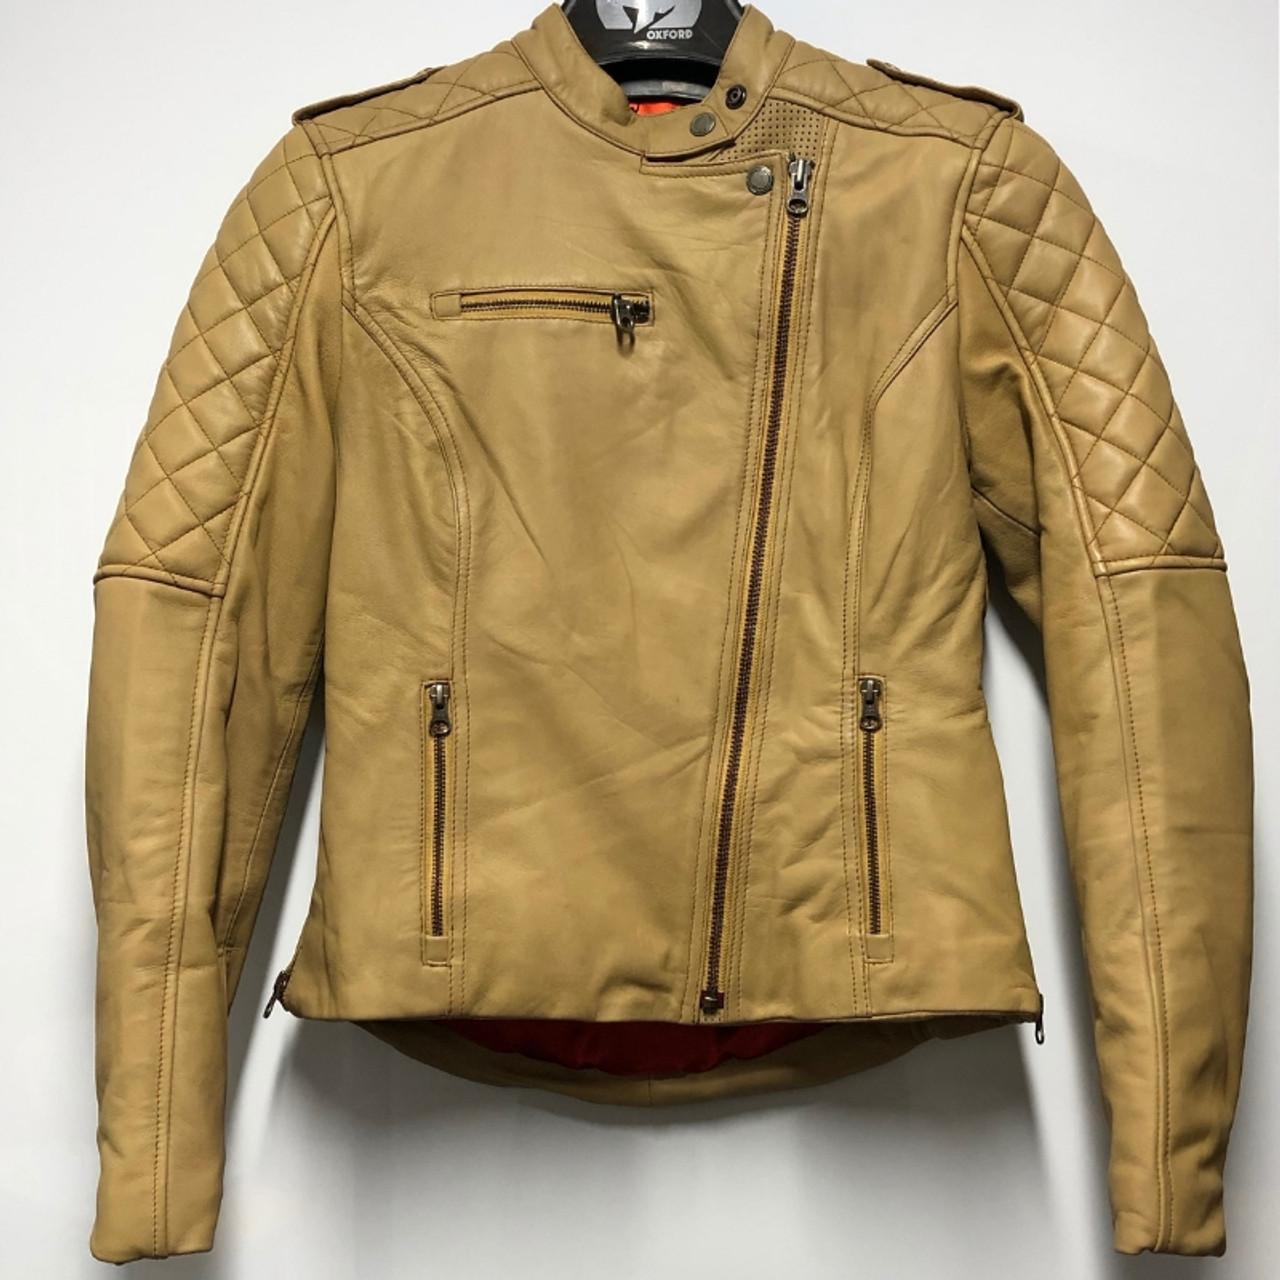 3de36f9eb Black Arrow Liberty Wheels 2.0 Leather Jacket